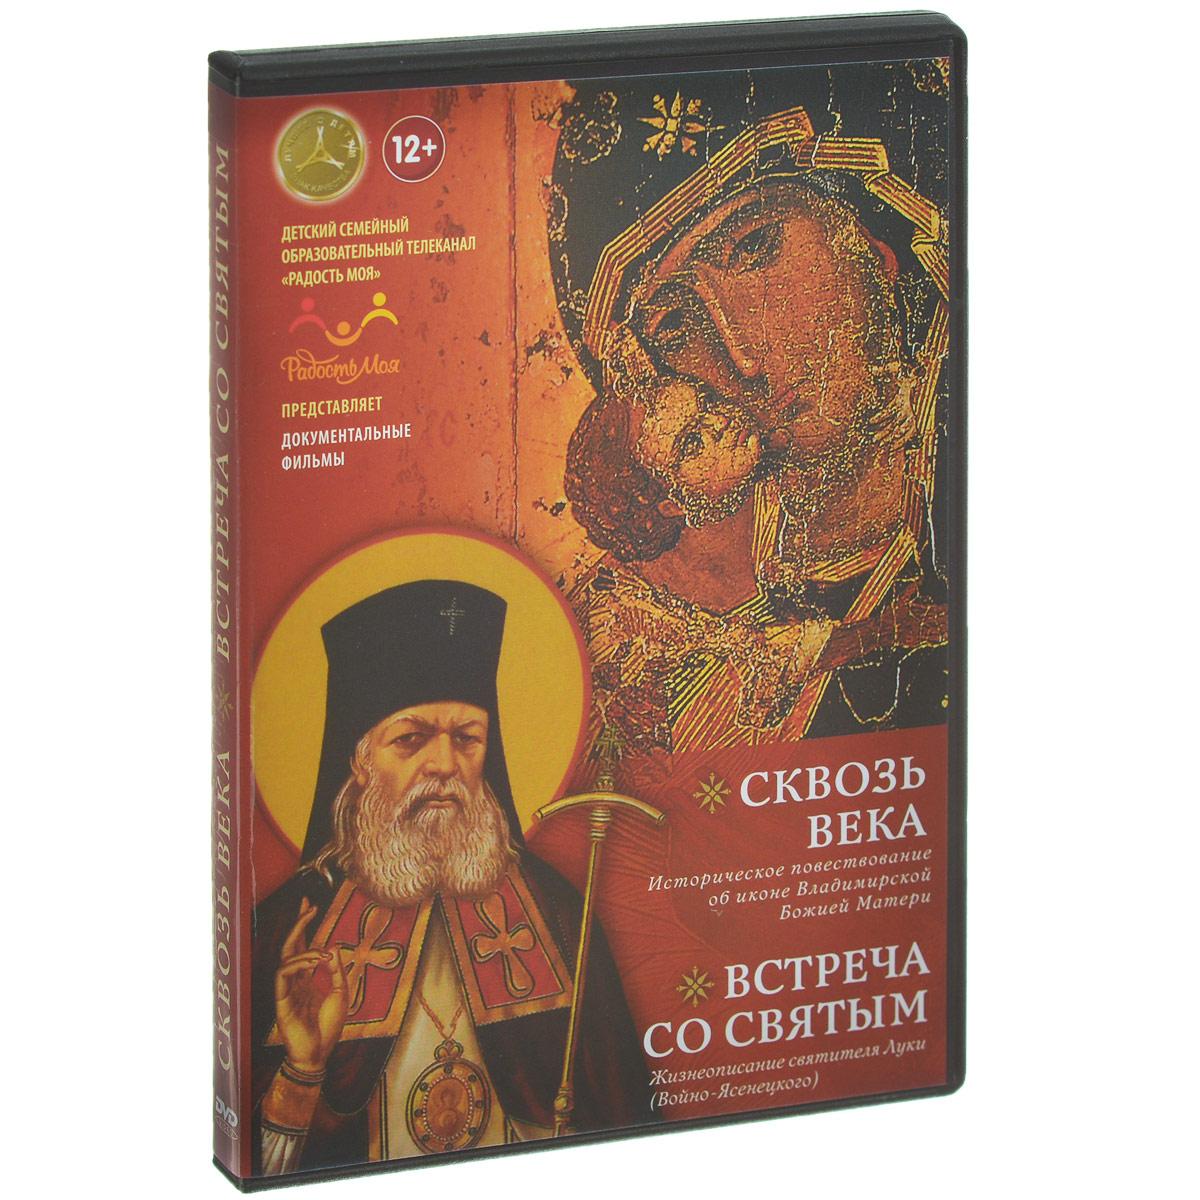 Сквозь века / Встреча со святым в борисов самая загадочная книга